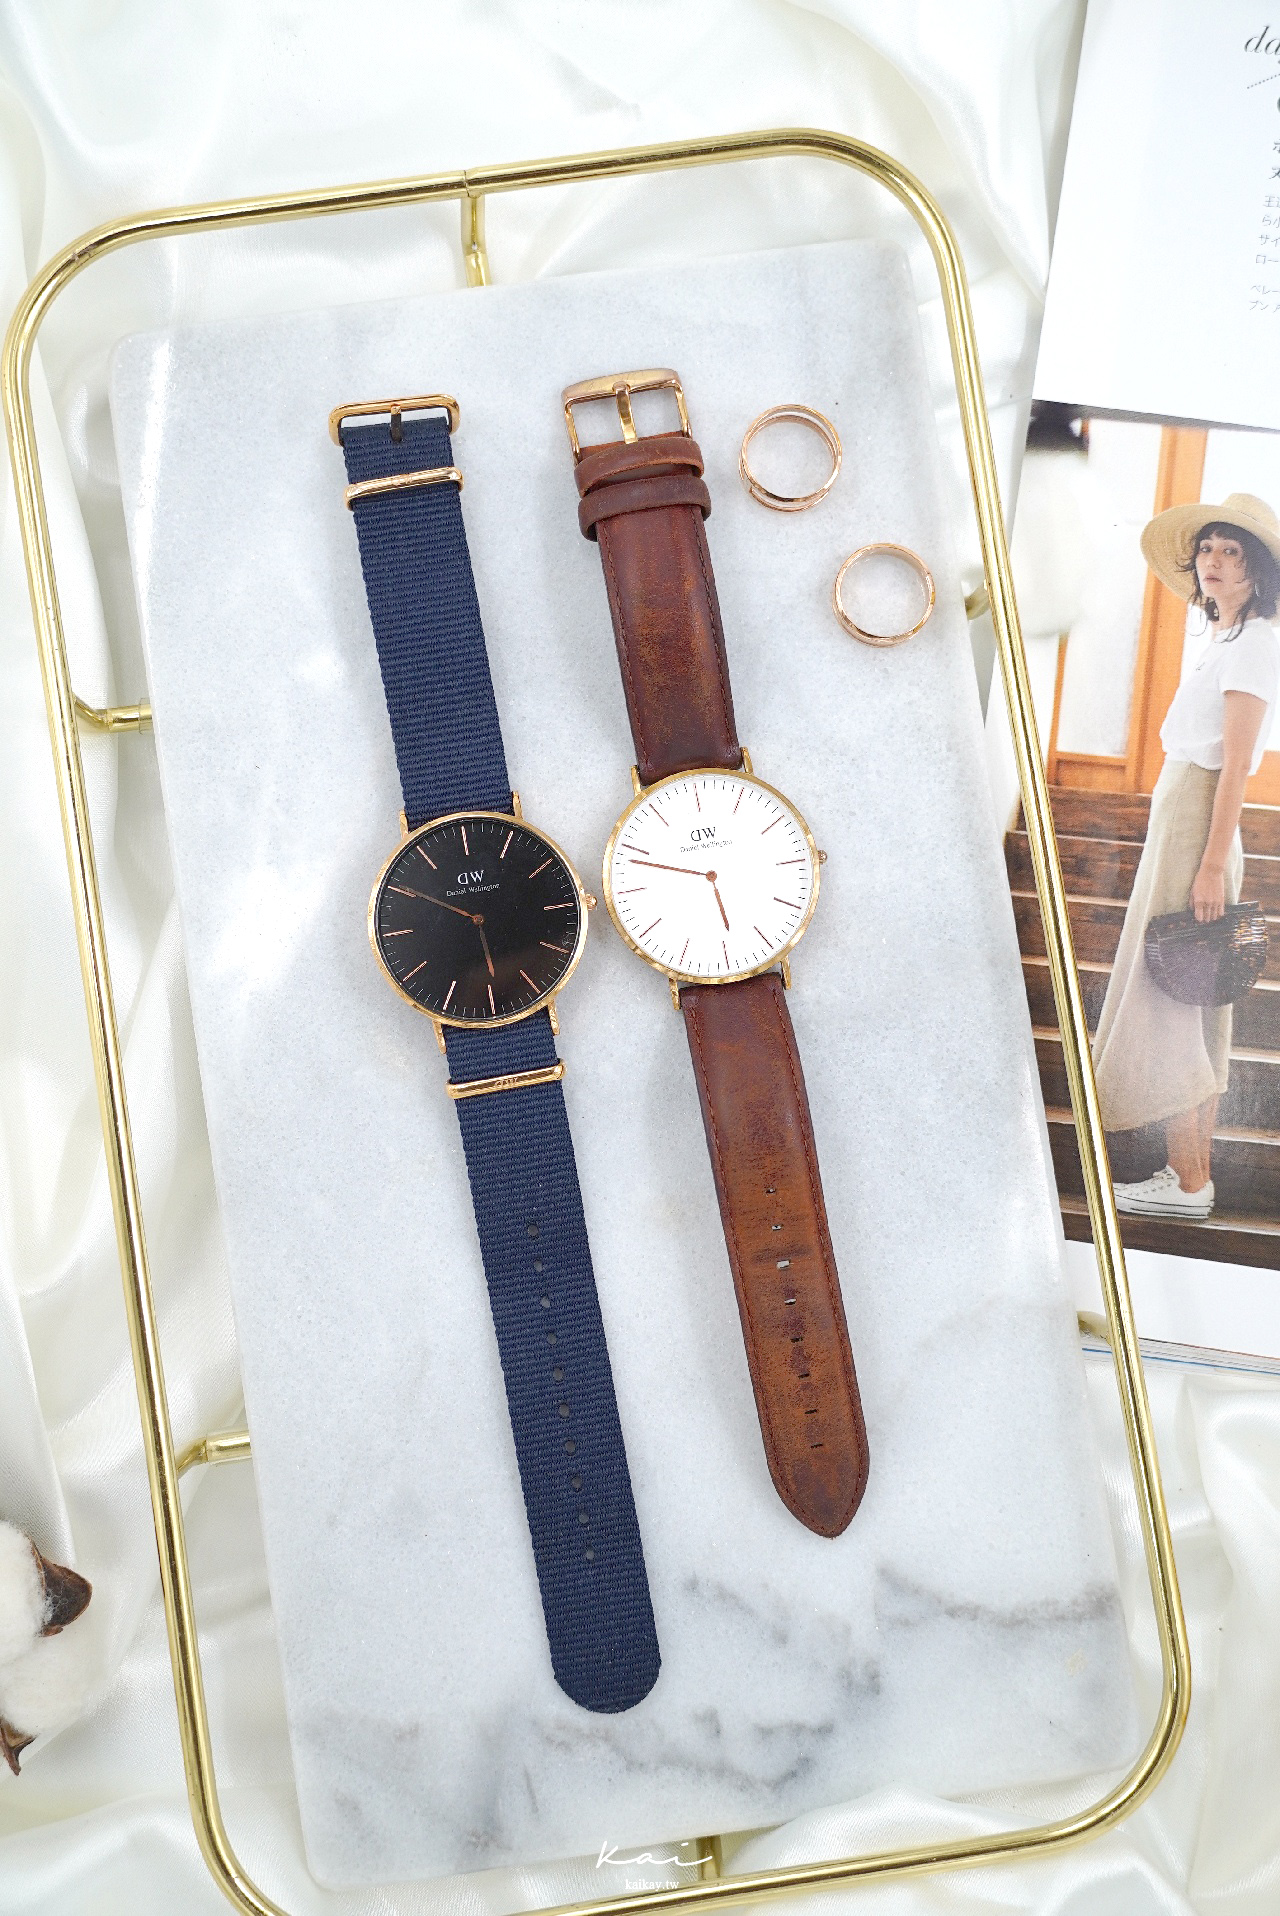 ☆【DW大錶收藏】大錶控的DW 36-40mm大錶面手錶合集(2021折扣碼:kaikay)